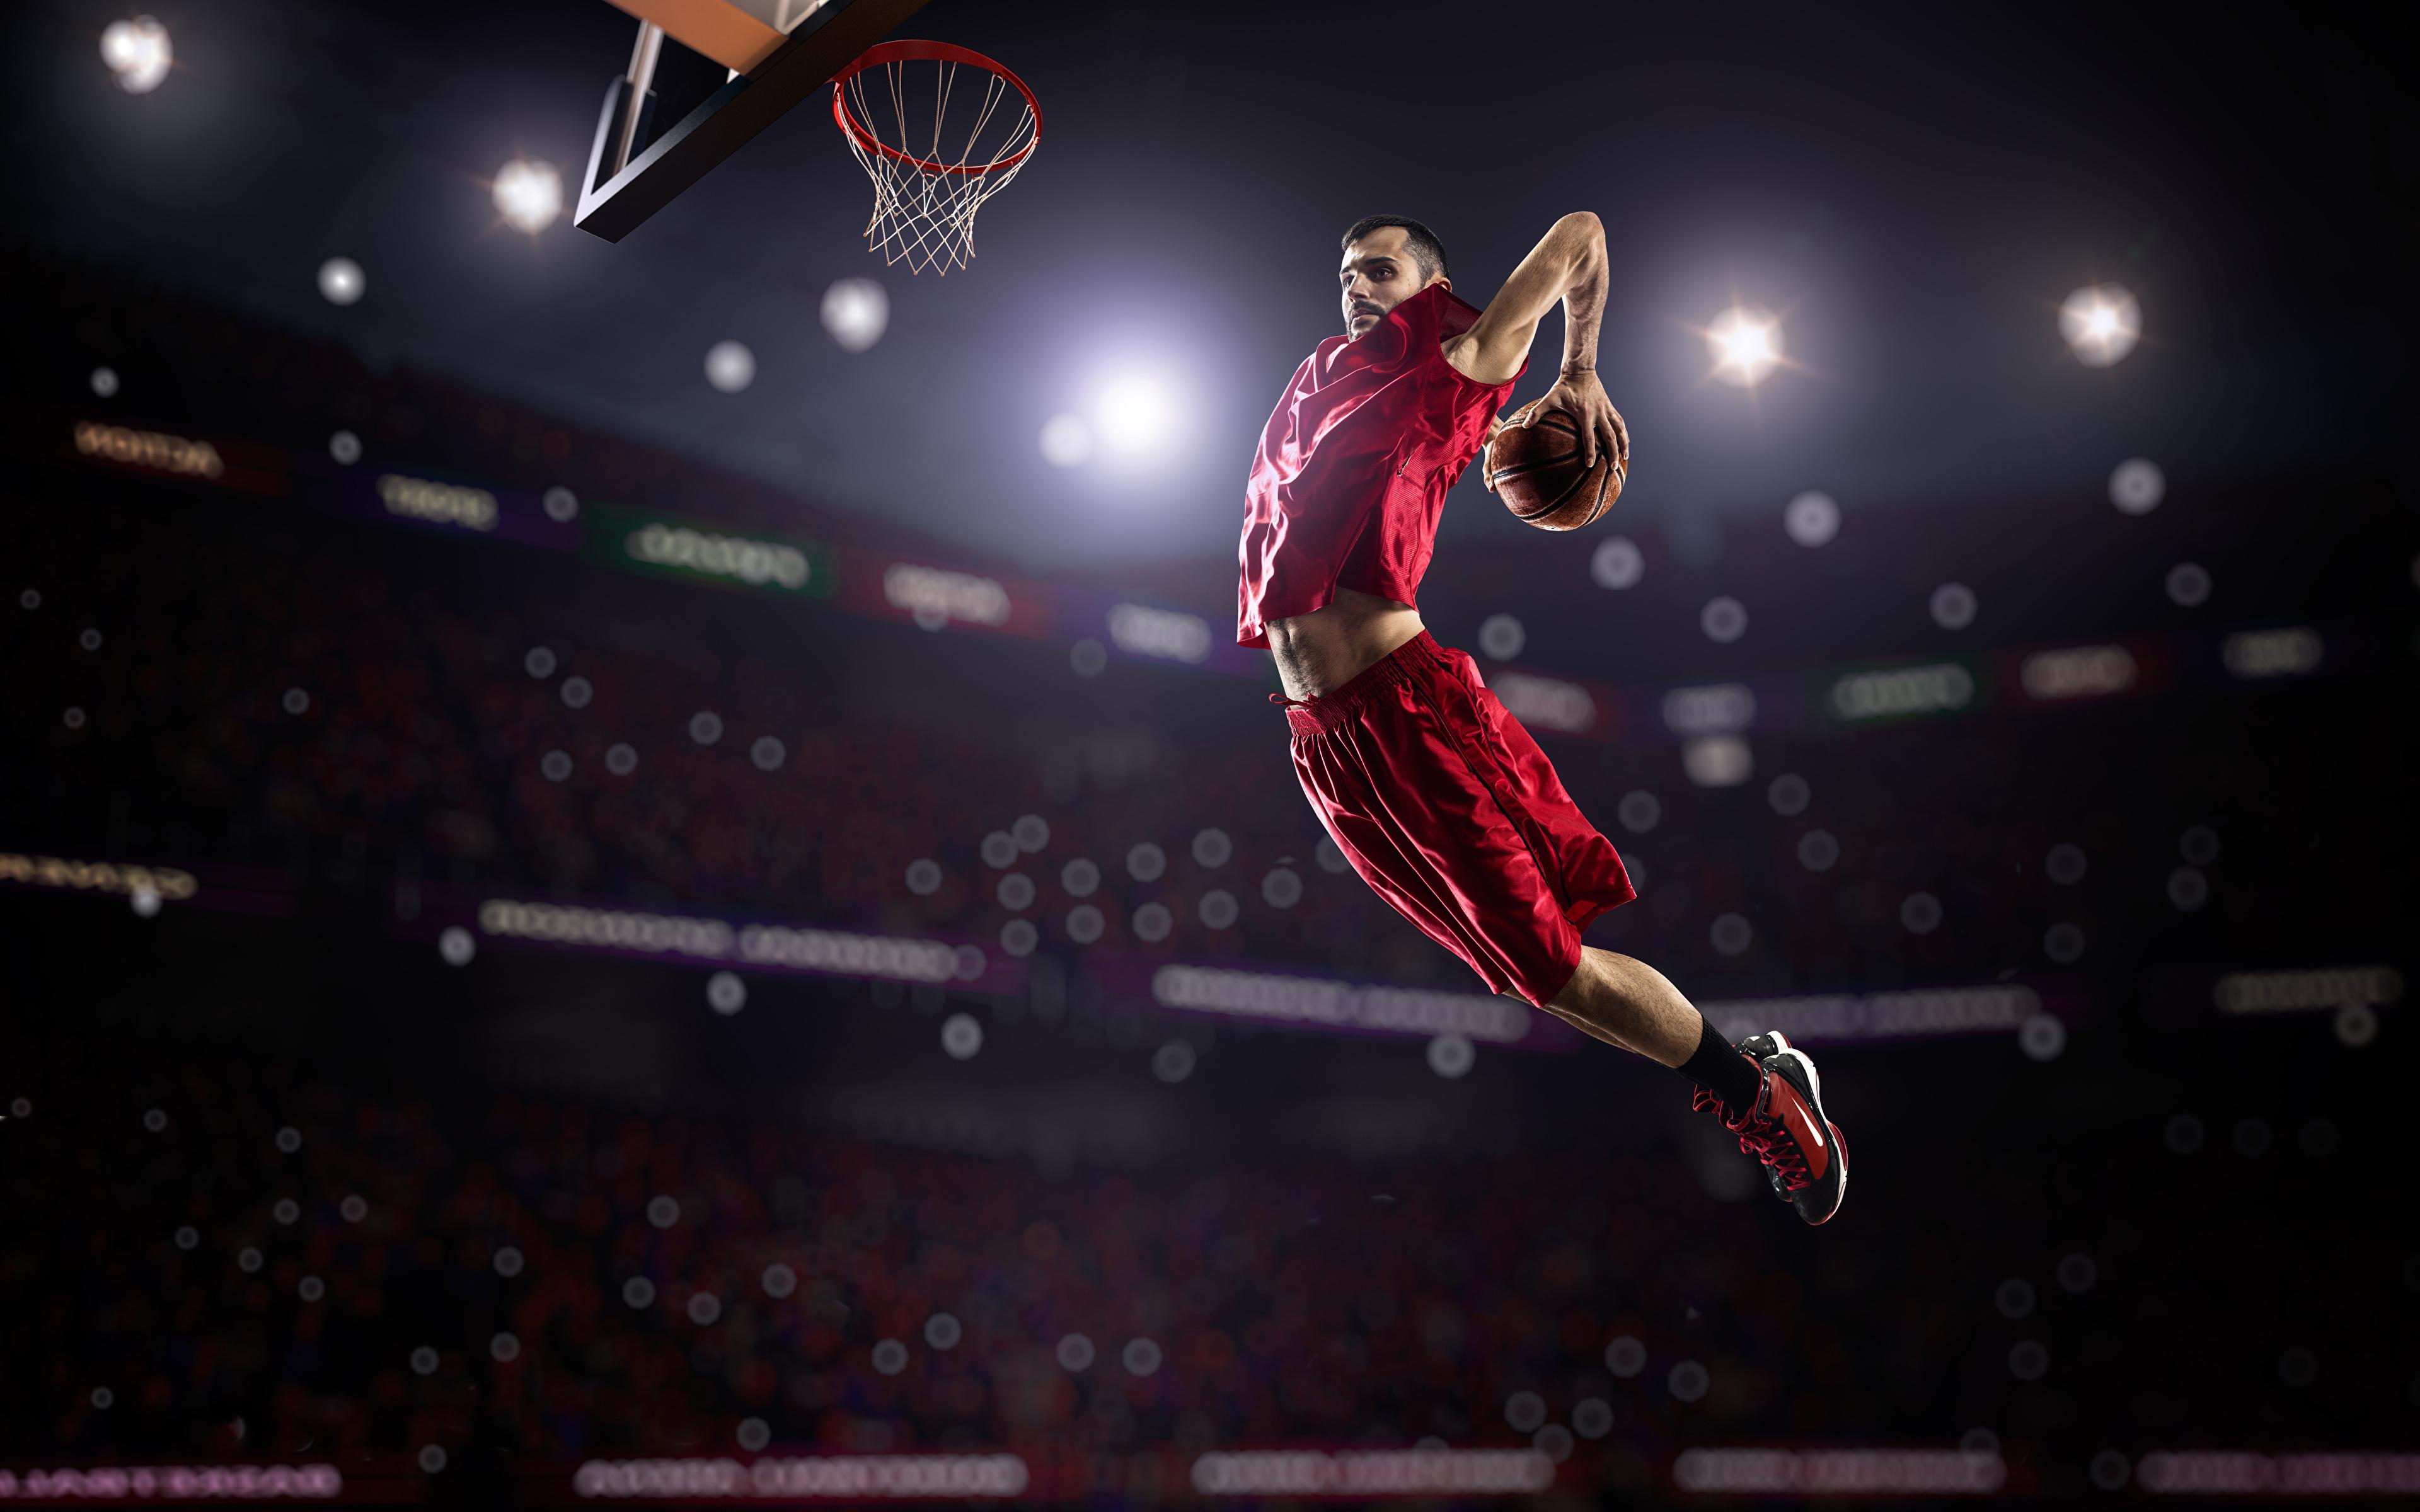 Обои Мужчины Спорт Баскетбол Прыжок Мяч 3840x2400 b01438f21f278